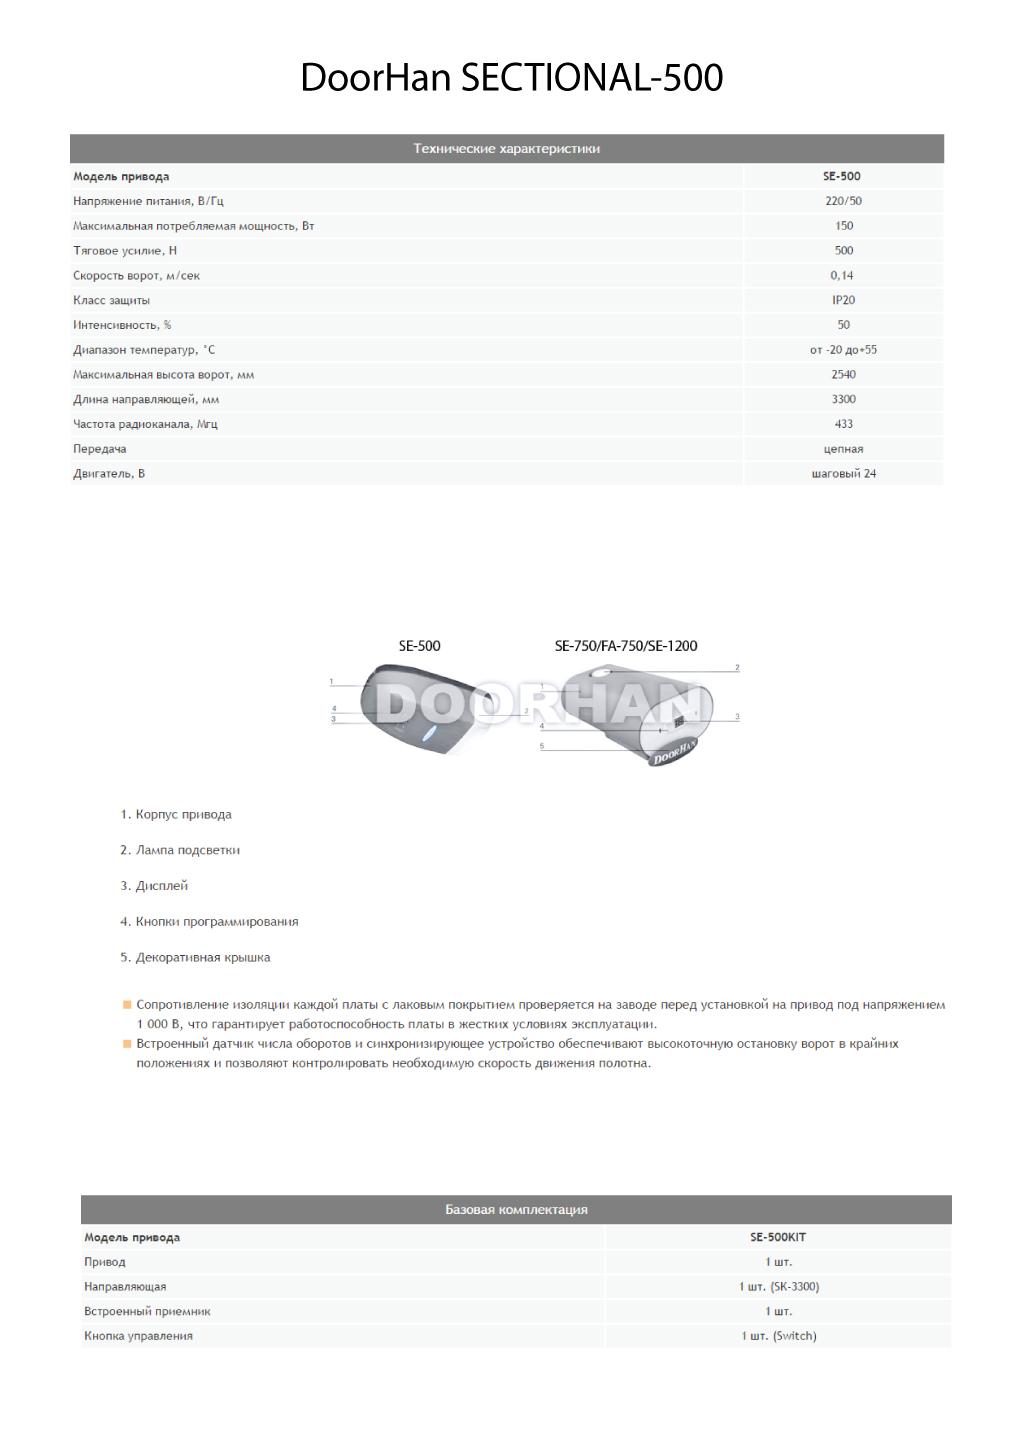 Автоматика для  гаражных секционных ворот DoorHan Sectional-500 - Технические характеристики